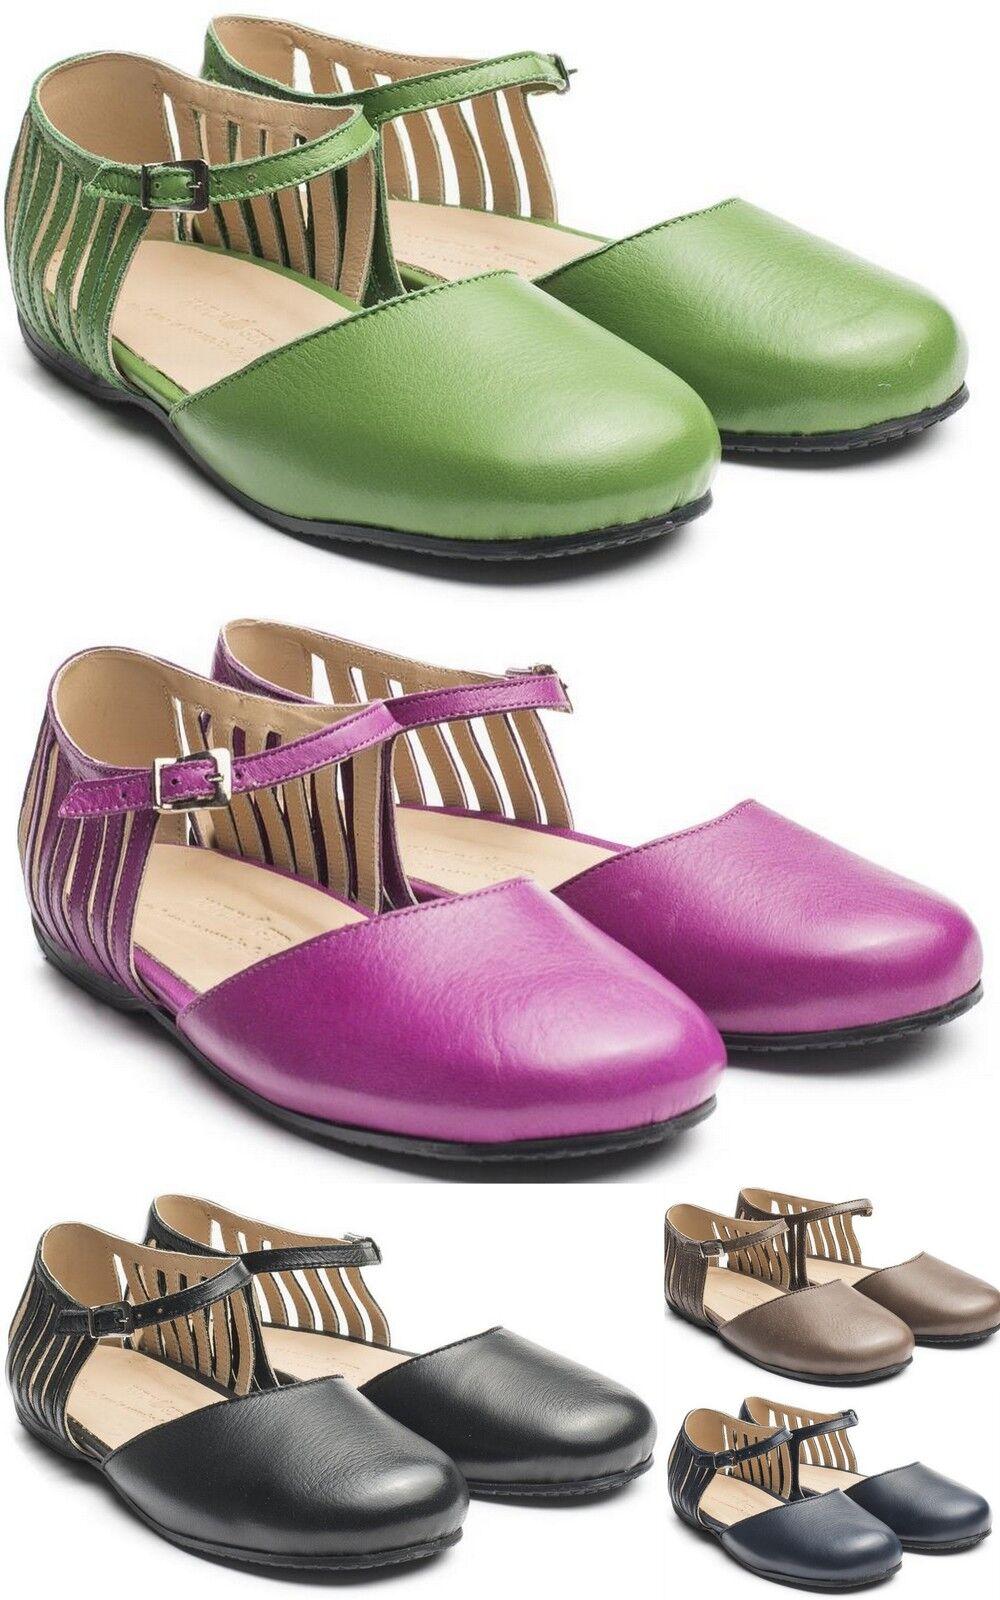 Avslöjande av av av Haflinger måste göras till läderskor Öppna Sandaler kvinnor Closed Toe Mary Jane sommar  köpa billiga nya